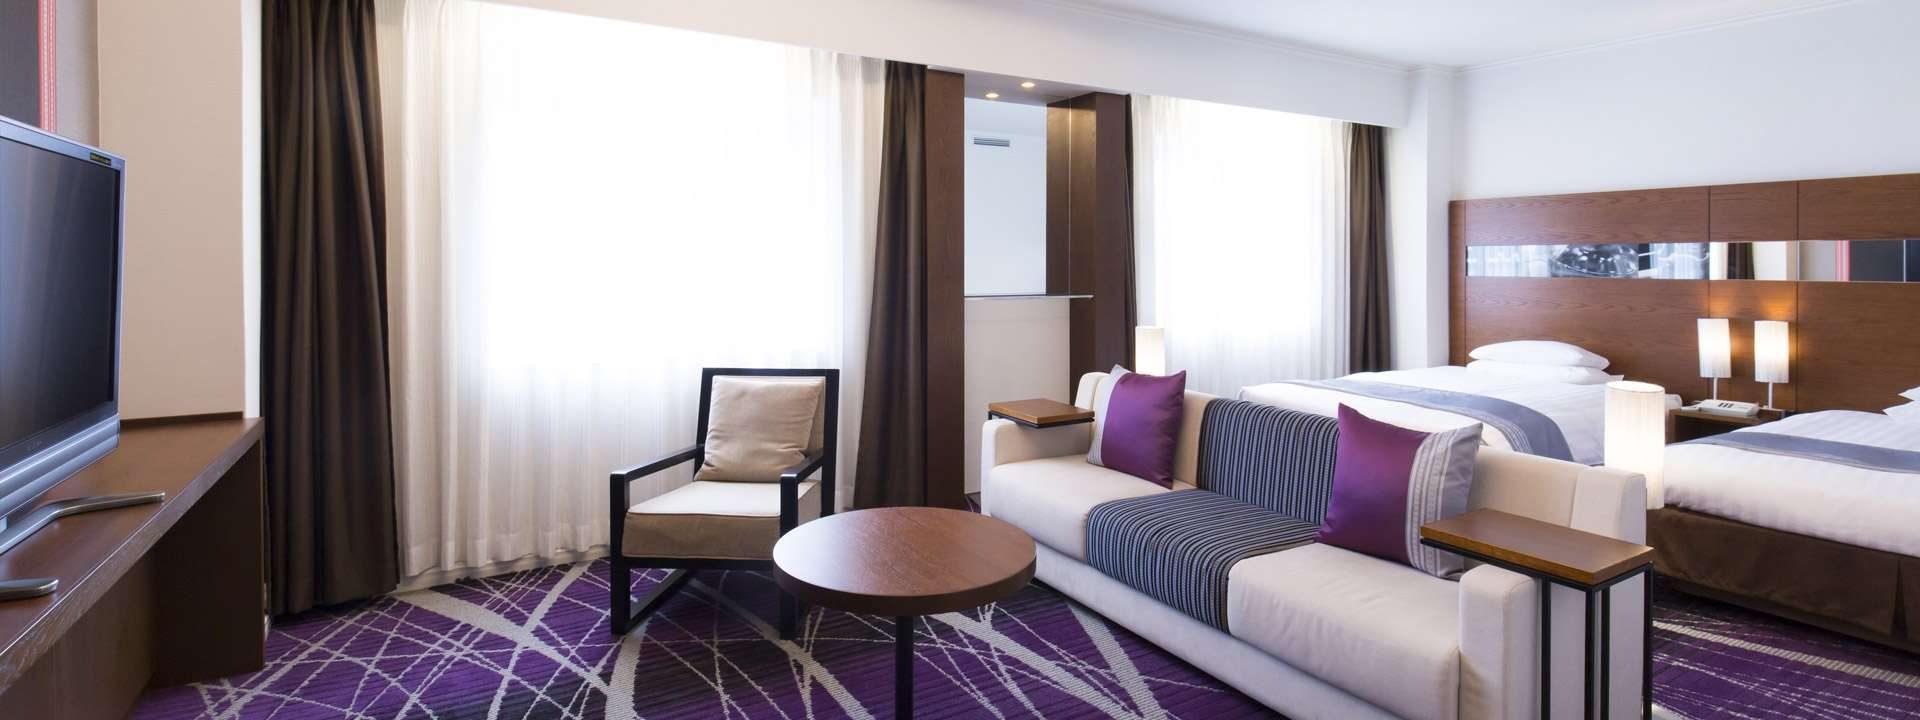 博多エクセルホテル東急  福岡市 博多区 ホテル おすすめ 旅行 観光